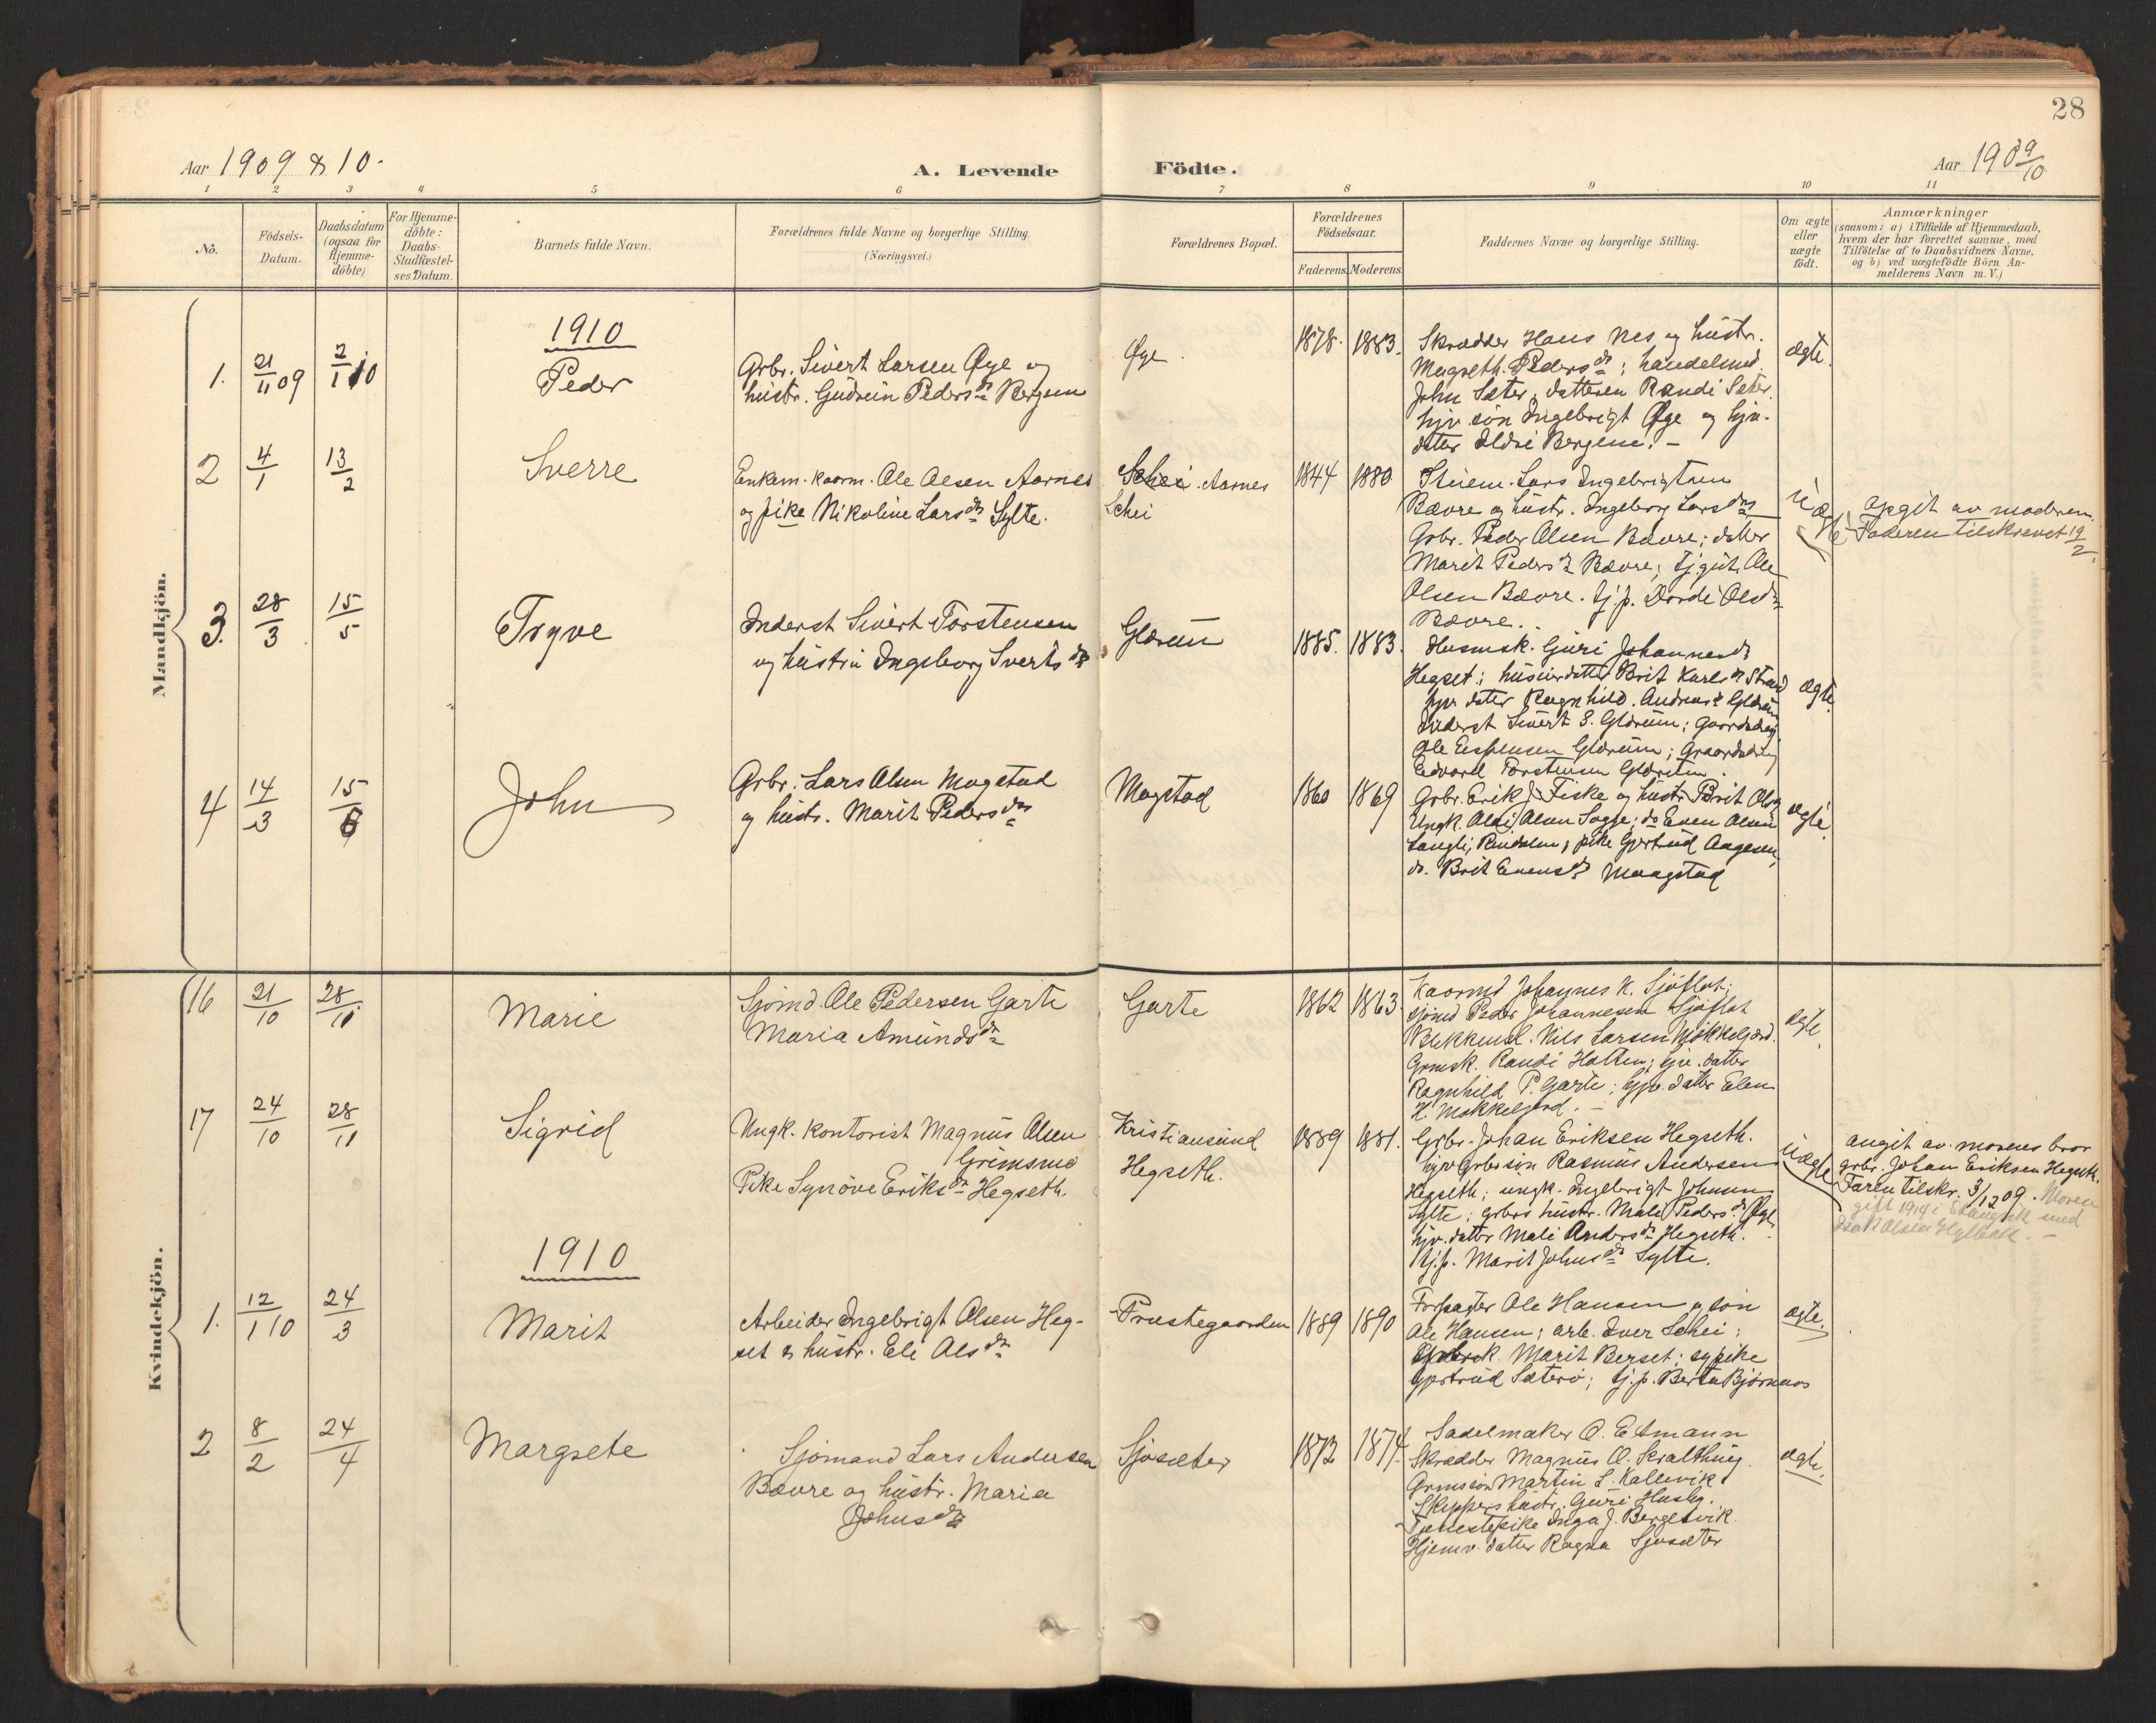 SAT, Ministerialprotokoller, klokkerbøker og fødselsregistre - Møre og Romsdal, 595/L1048: Ministerialbok nr. 595A10, 1900-1917, s. 28